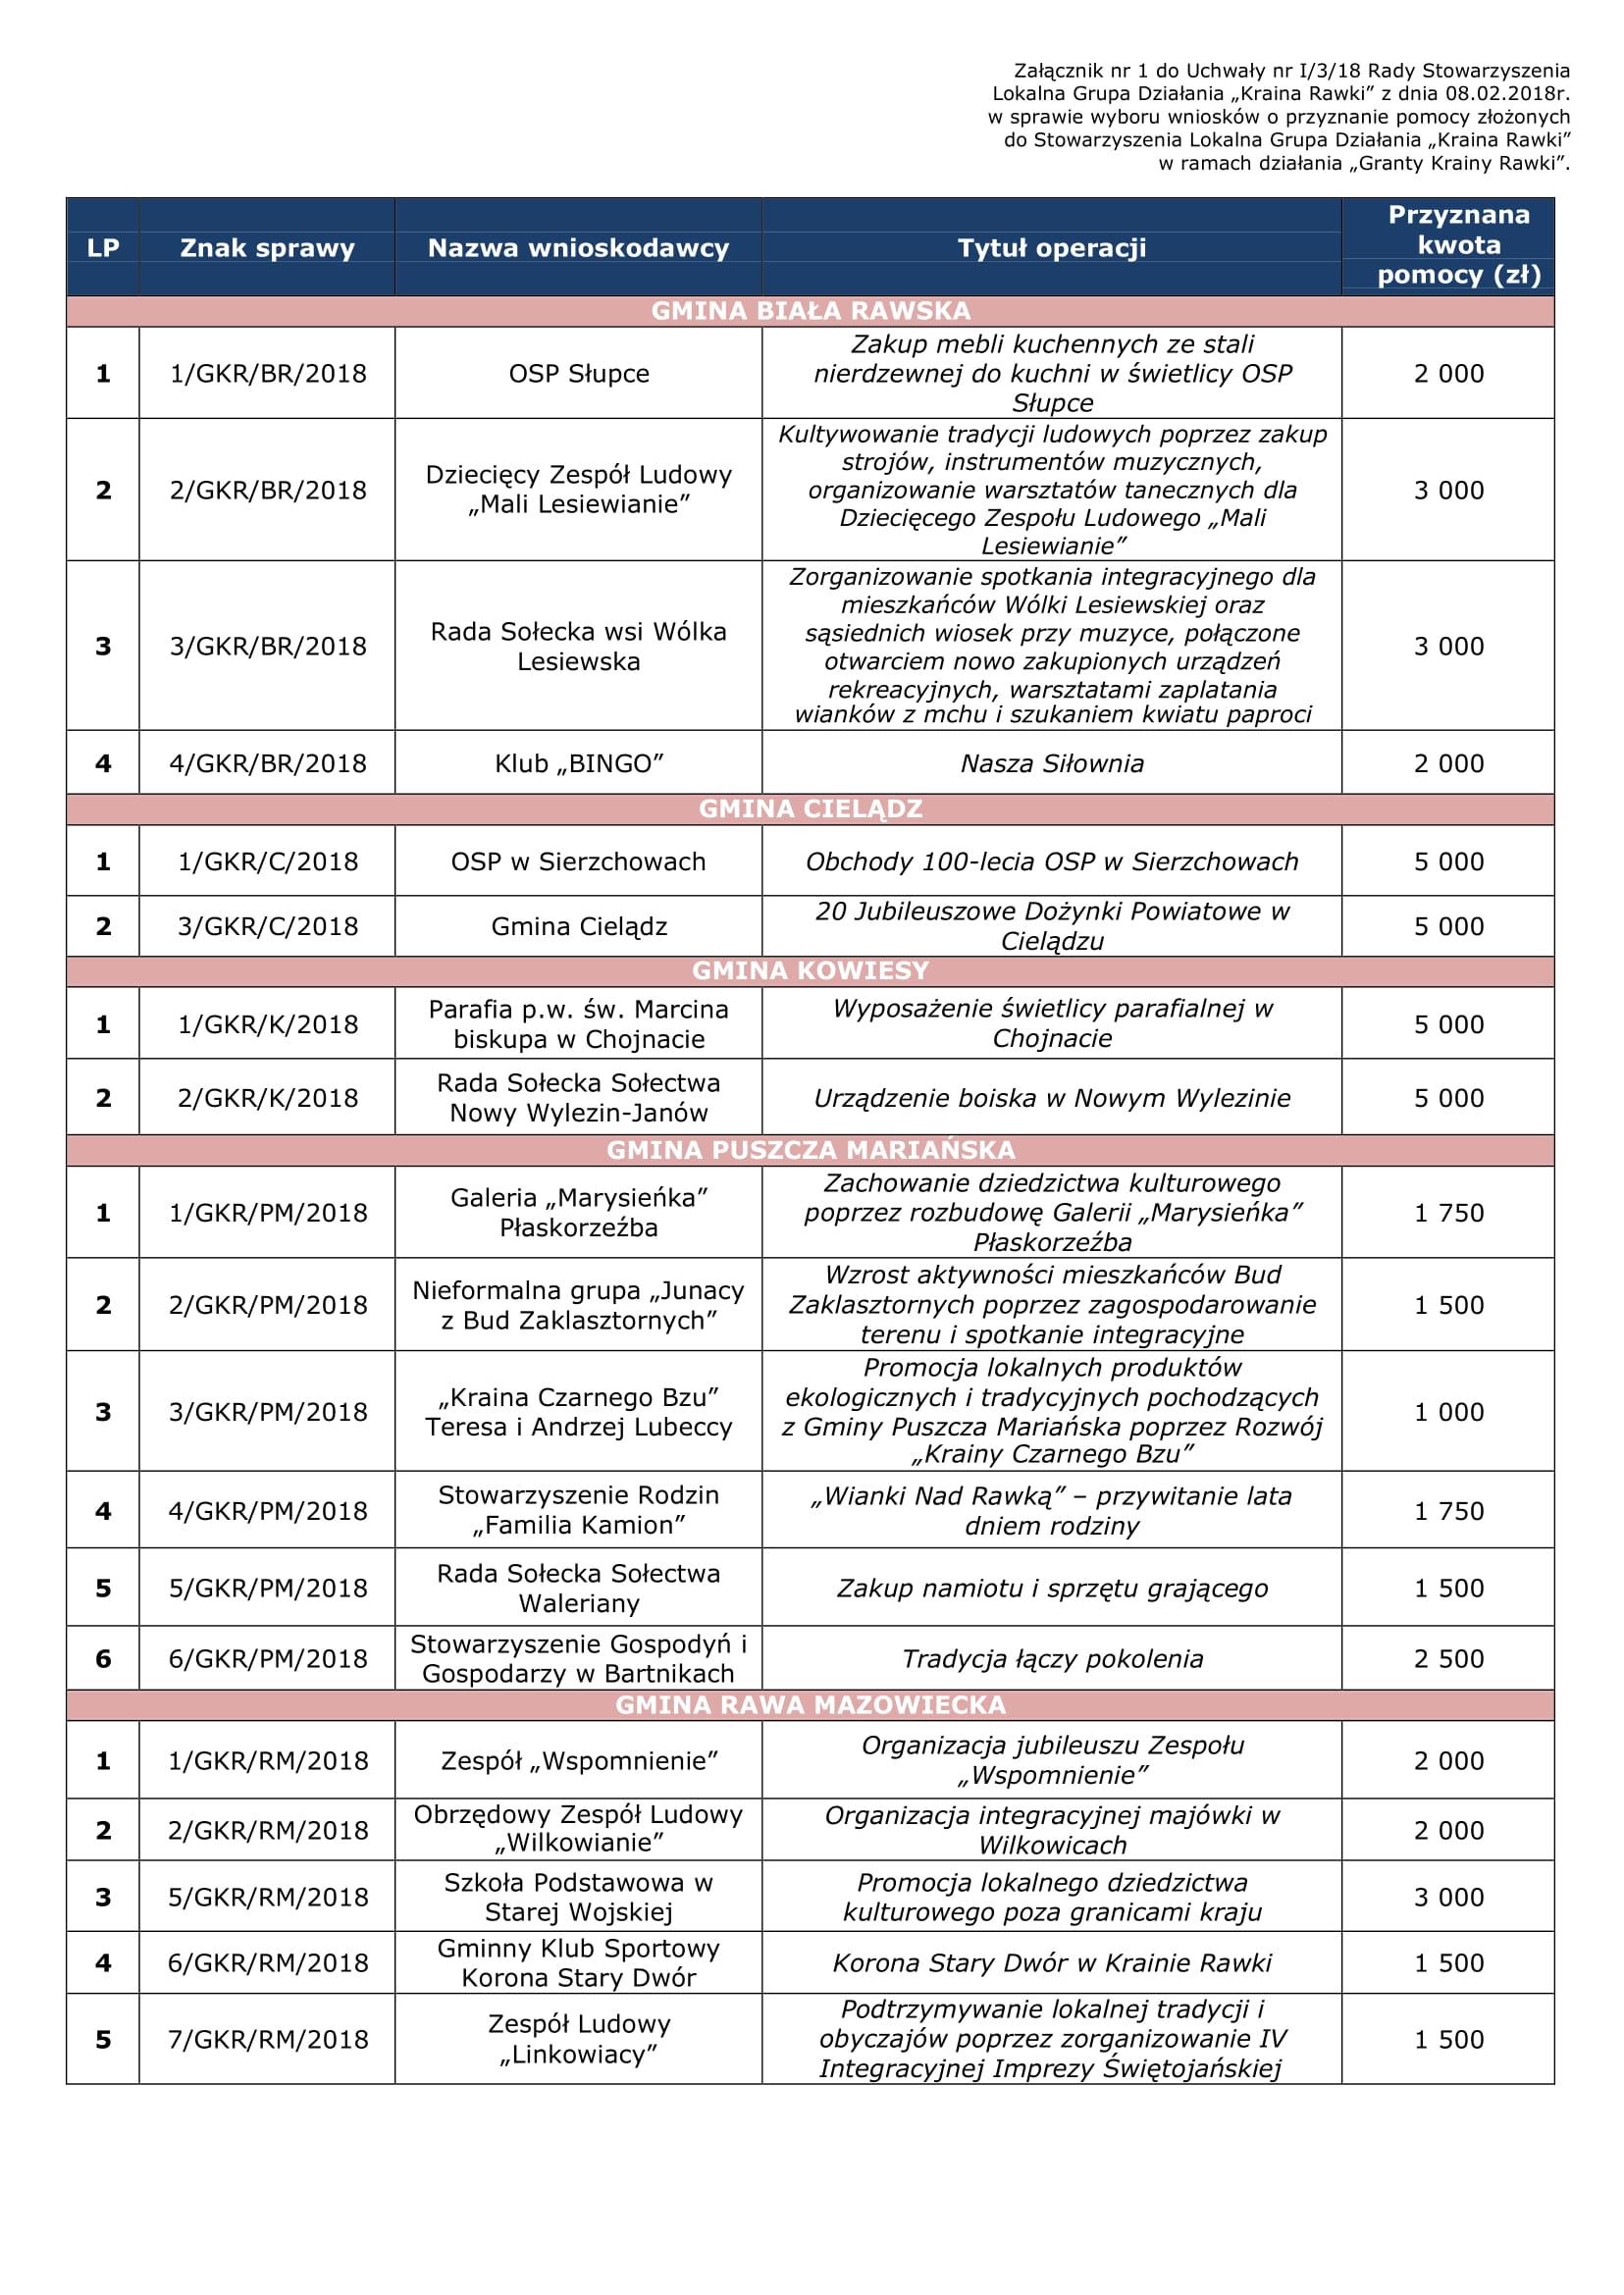 Lista_wnioskow_wybranych_do_finansowania_w_ramach_dzialania__Granty_Krainy_Rawki_-1